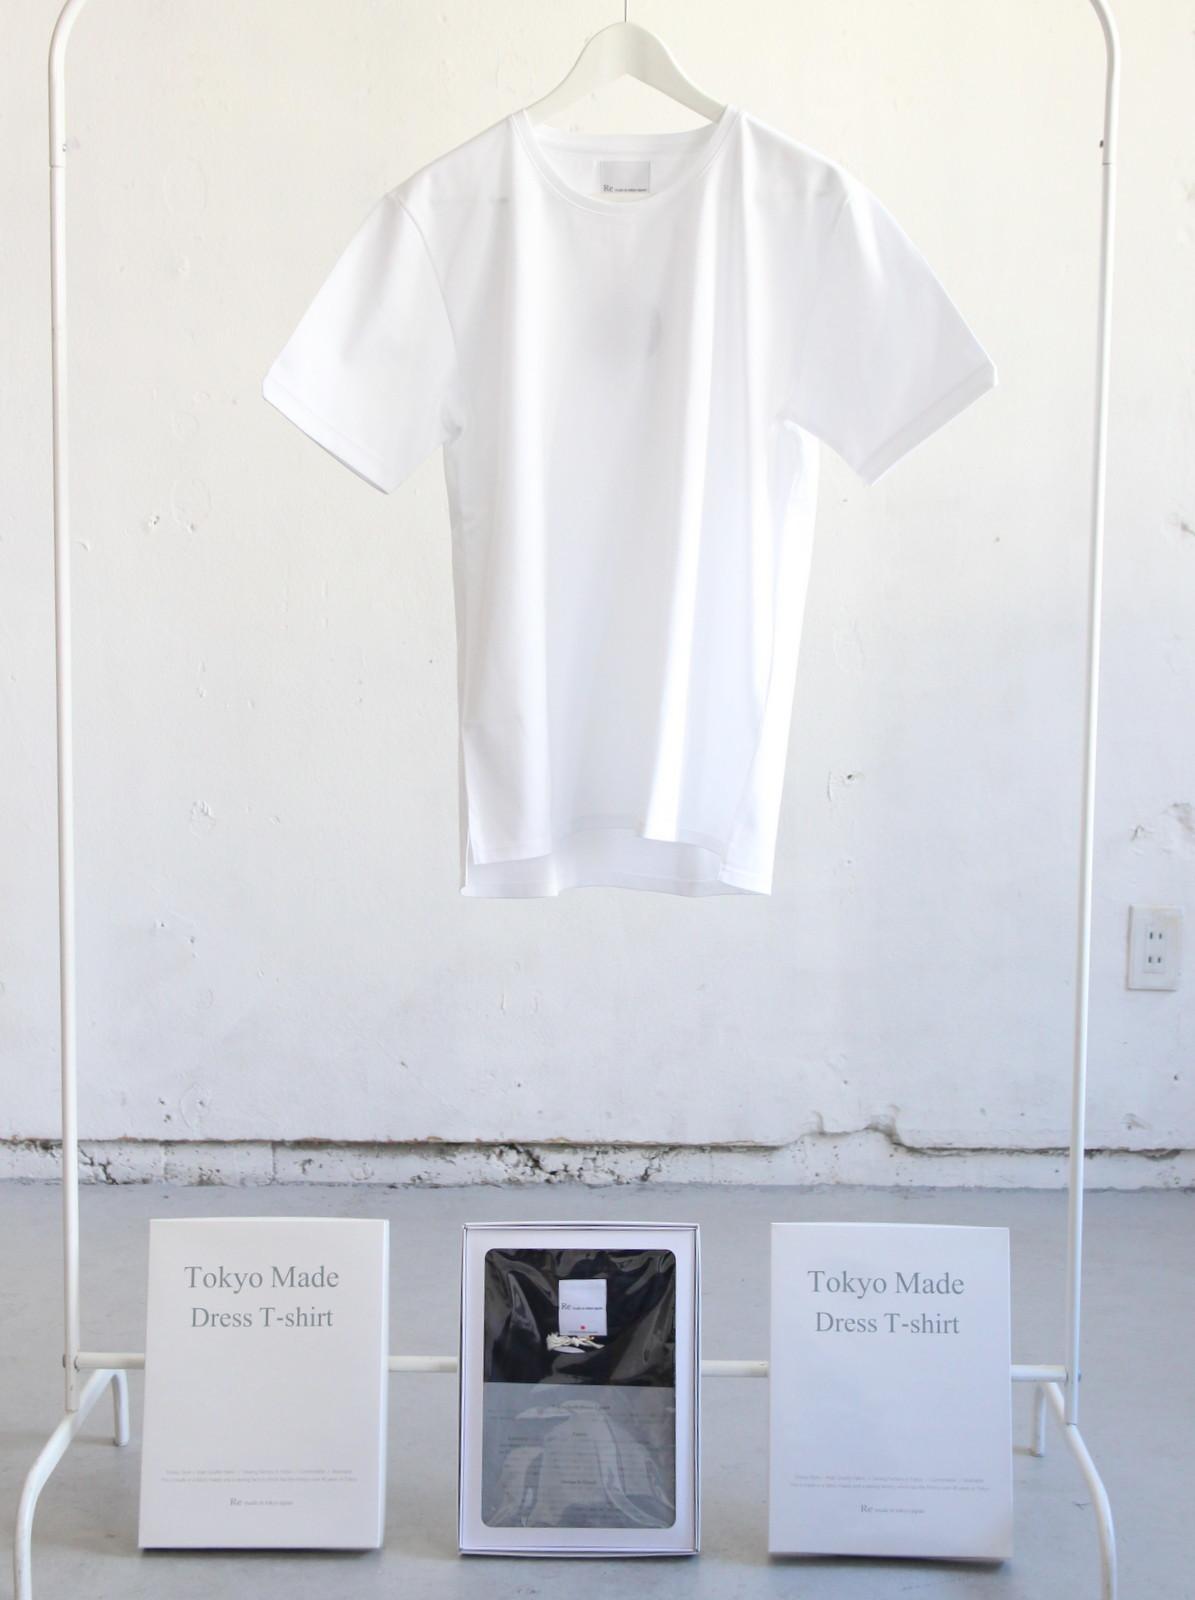 Tokyo Made Dress T-shirt_c0379477_08234511.jpg